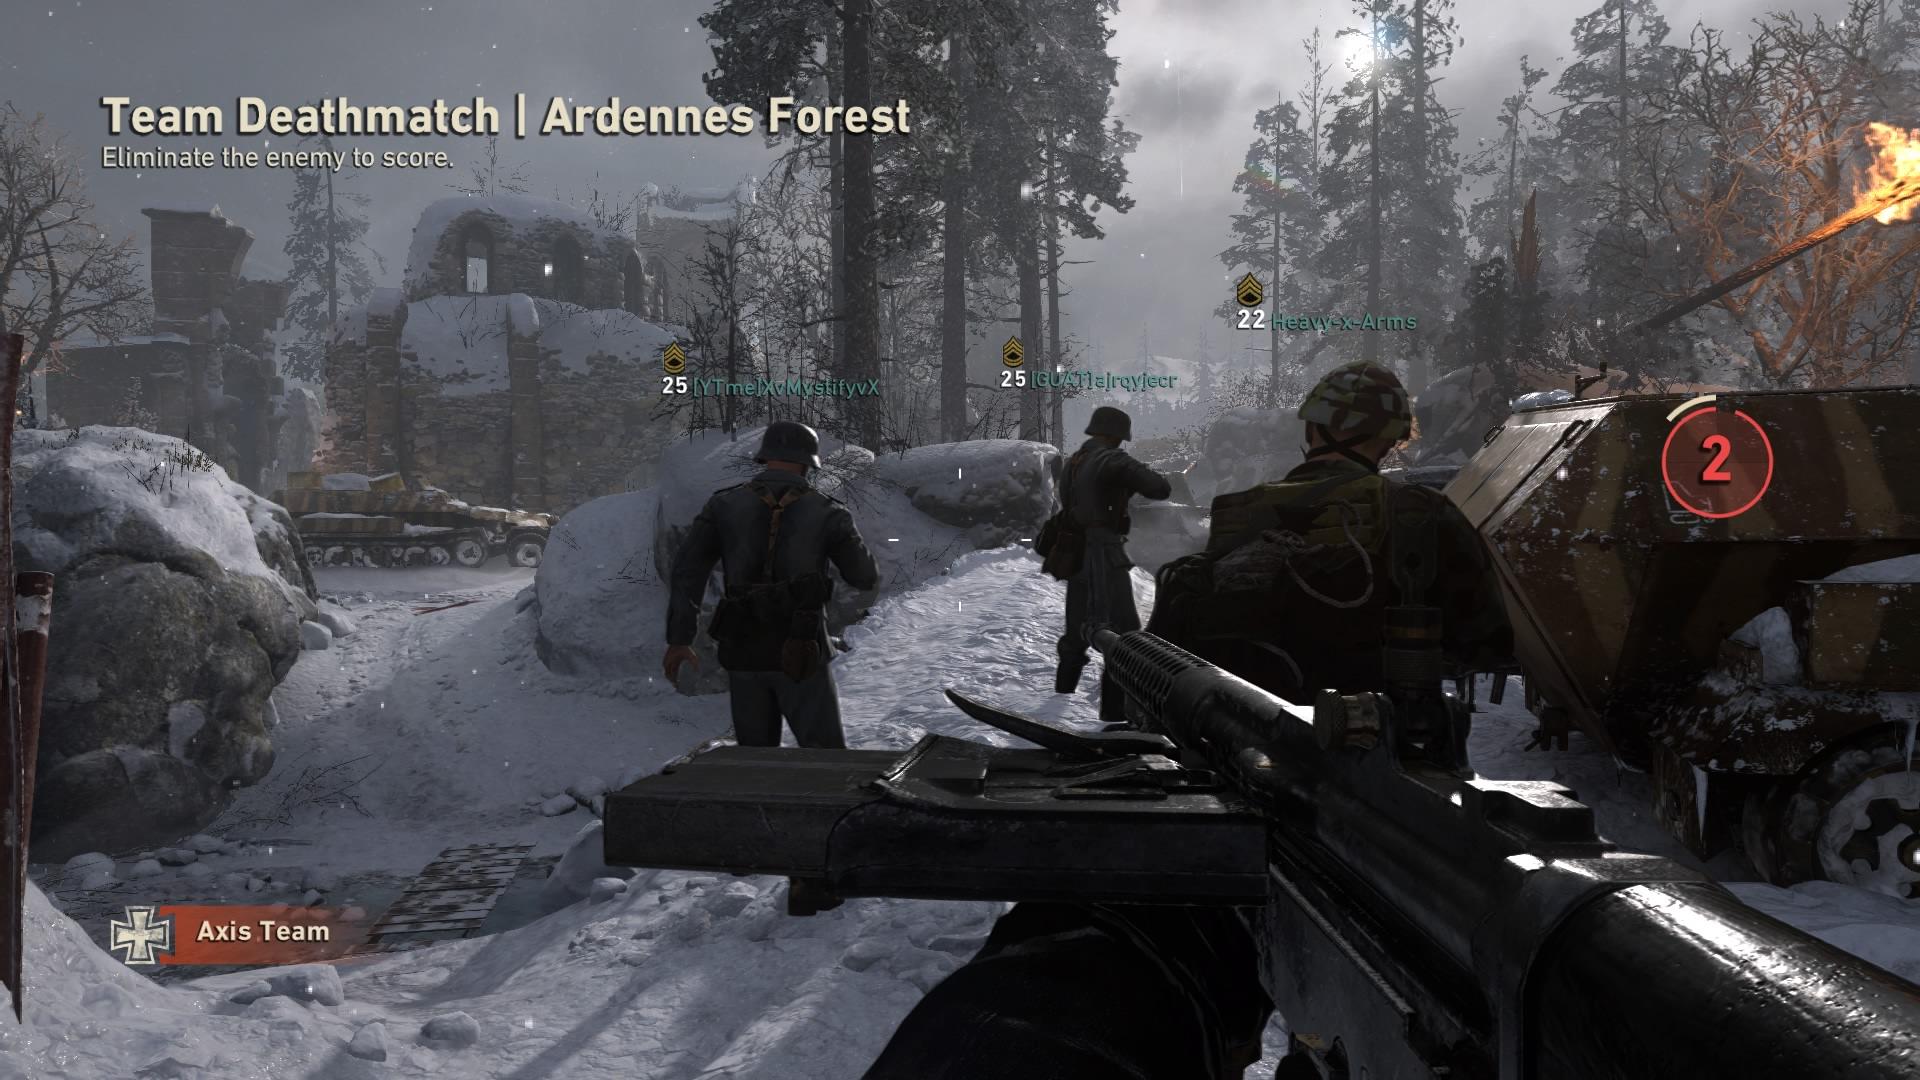 cod ww2 - team deathmatch